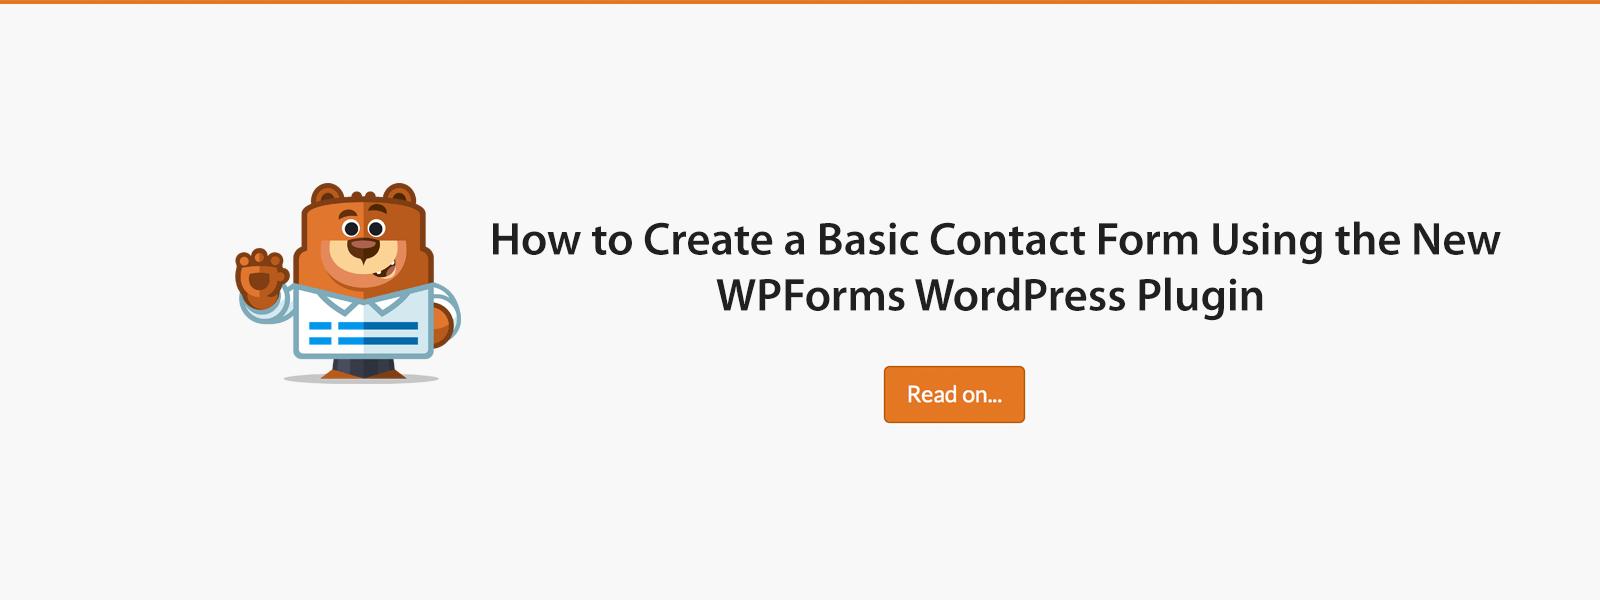 Cách tạo biểu mẫu liên hệ WordPress cơ bản với WPForms (2020) 3